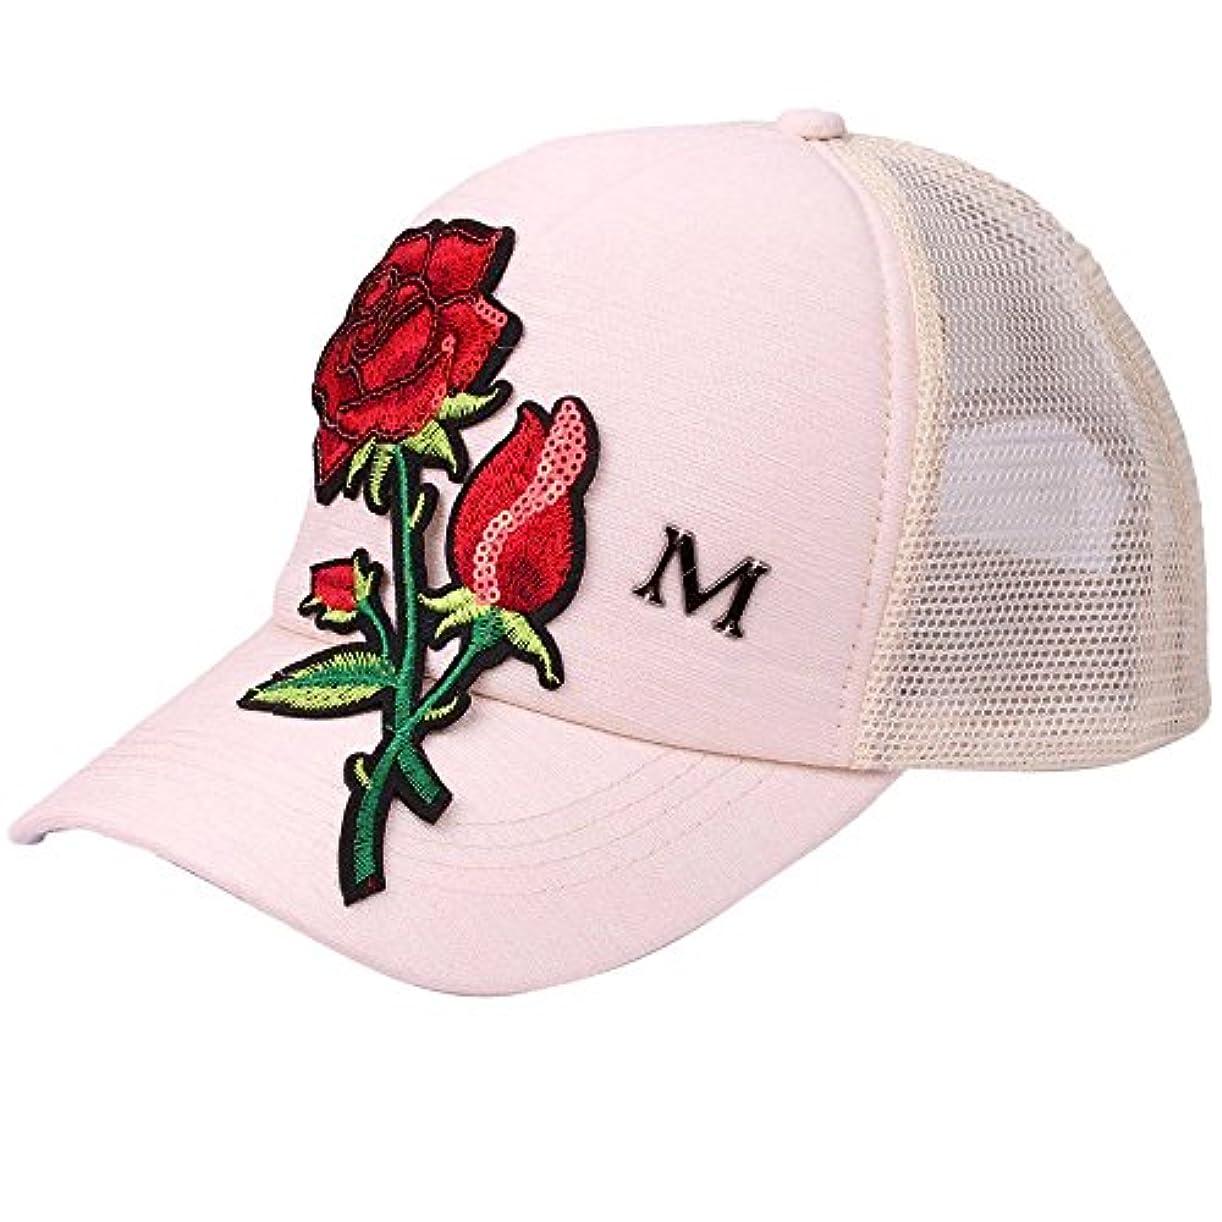 悪性腫瘍不測の事態おめでとうRacazing Cap ローズ 刺繍 ヒップホップ 野球帽 通気性のある 帽子 夏 登山 メッシュ 可調整可能 棒球帽 UV 帽子 軽量 屋外 Unisex Hat (ベージュ)